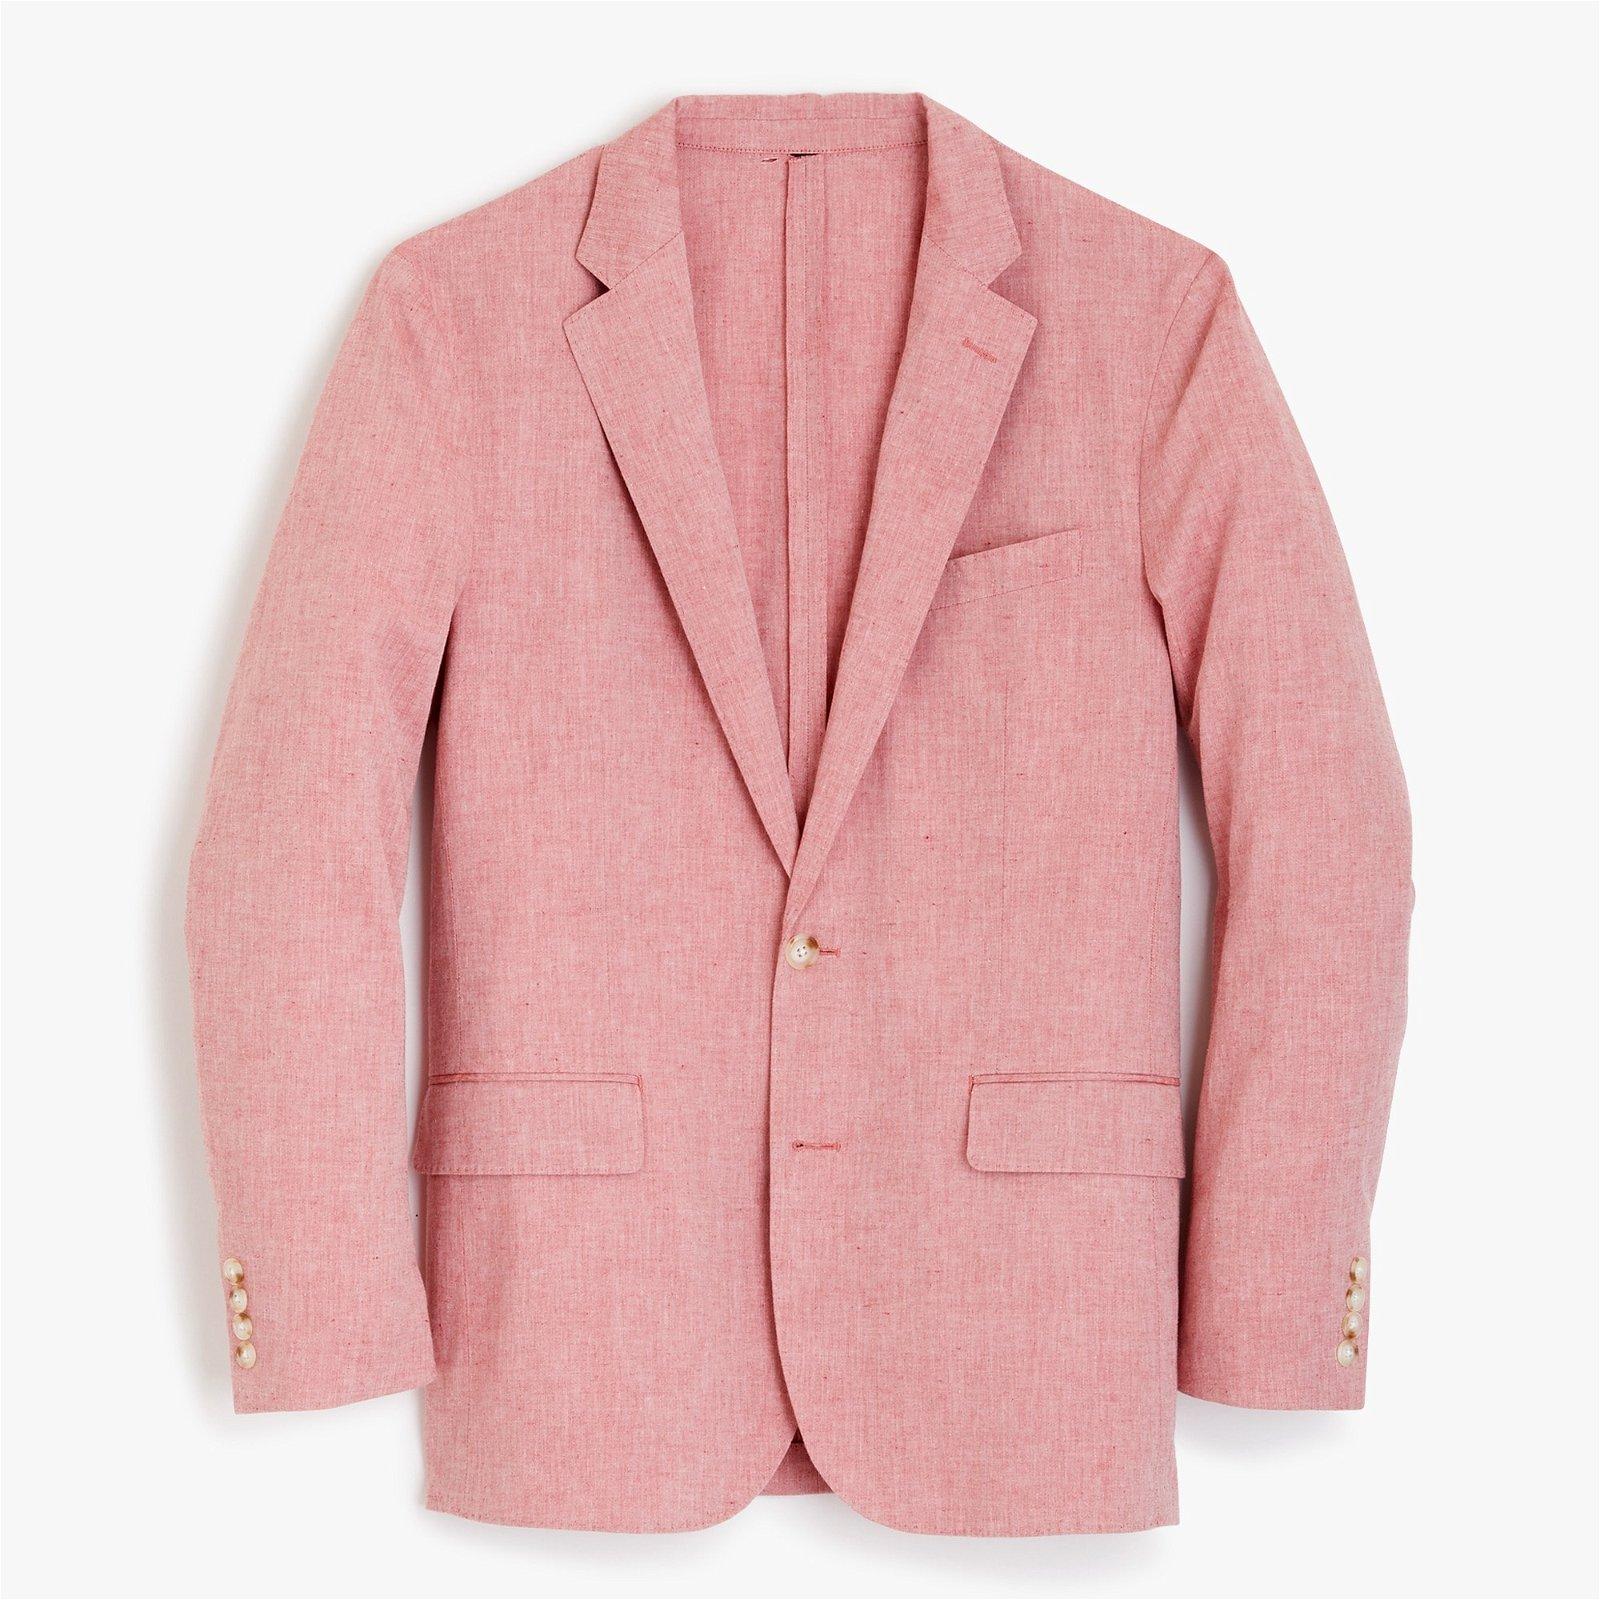 Ludlow Slim-fit unstructured blazer in cotton-linen